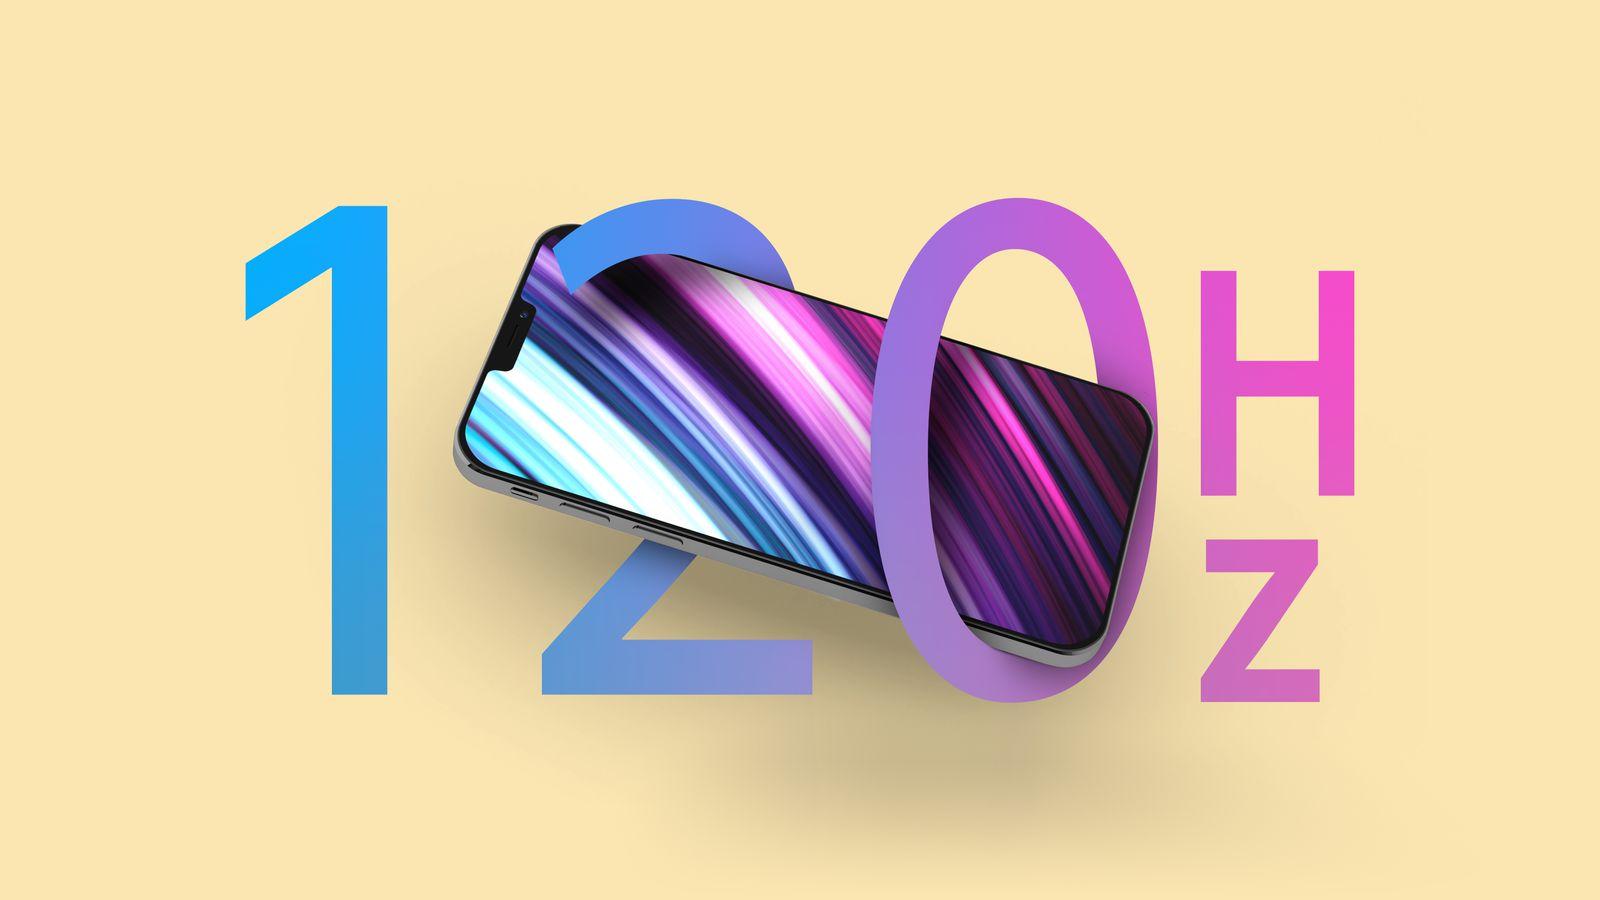 Apple запатентовала дисплей с частотой обновления до 240 Гц для будущих iPhone